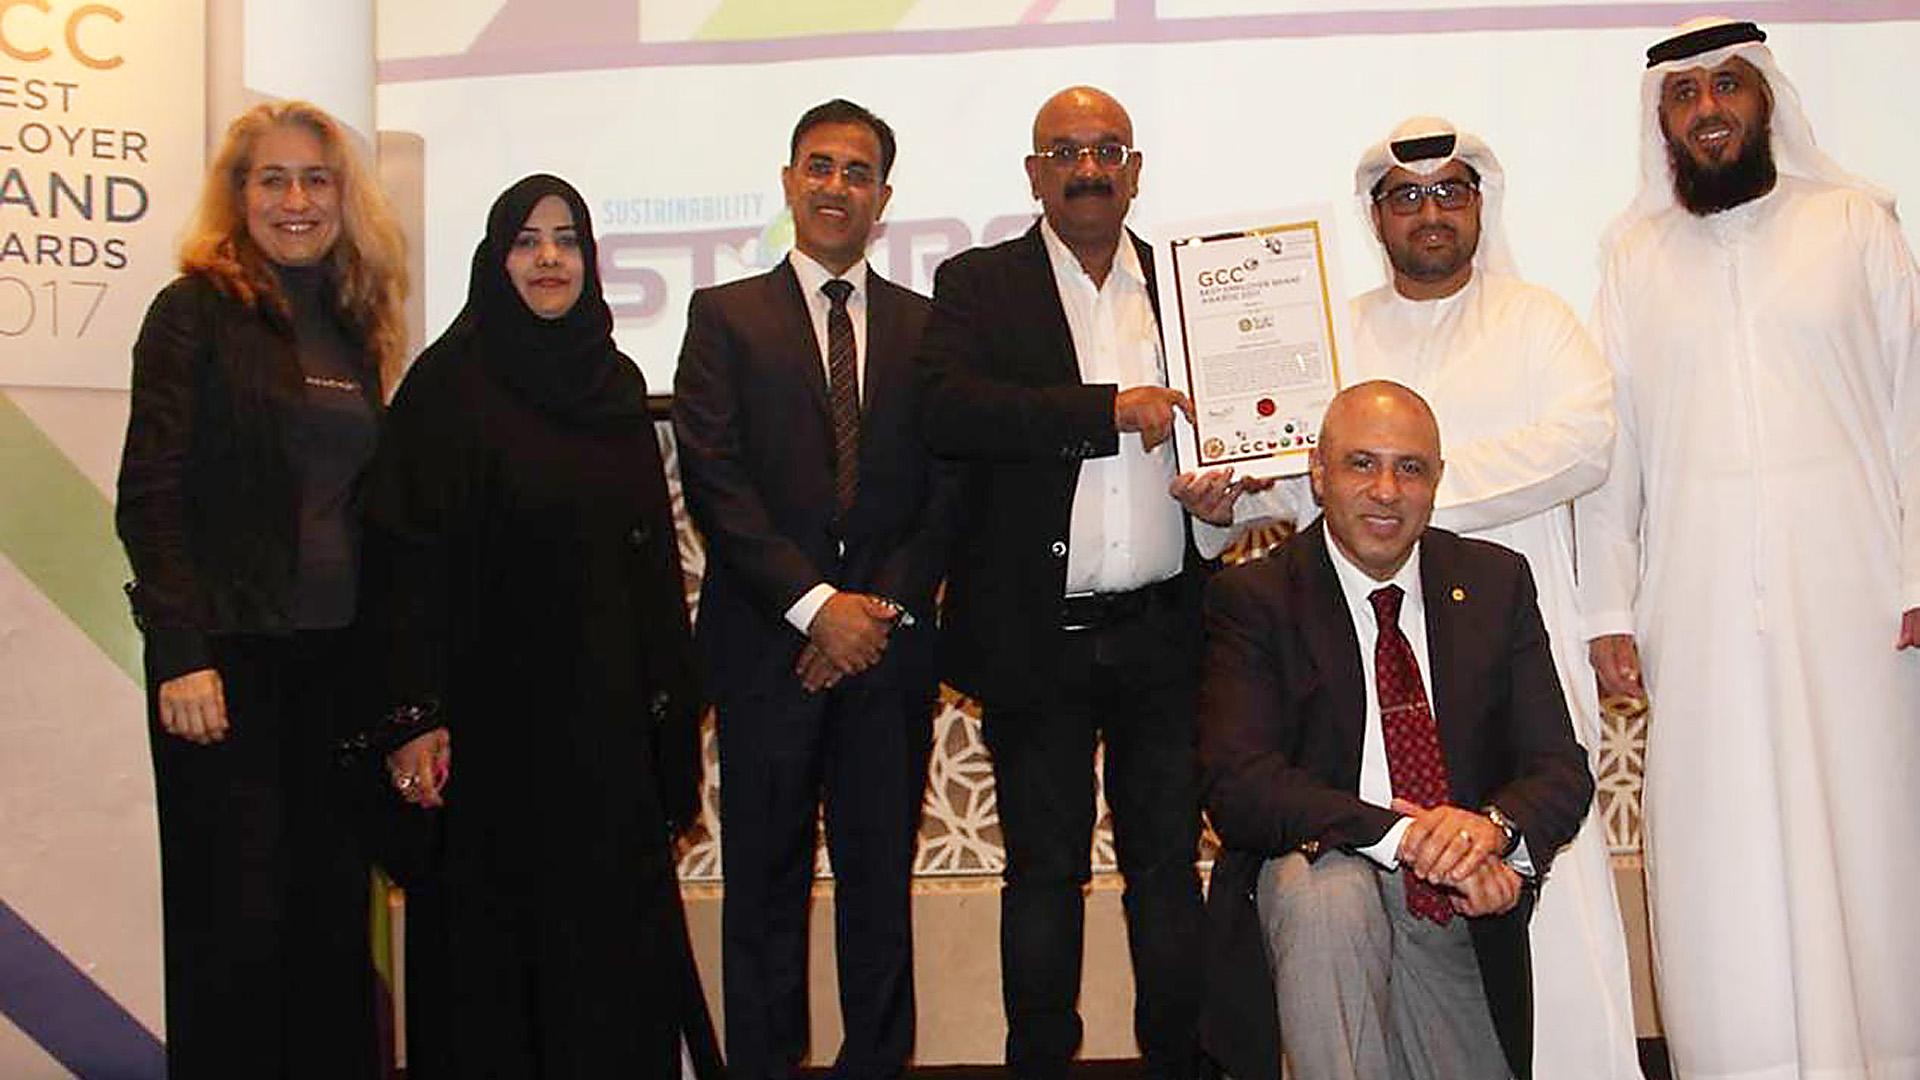 """Agthia Awarded the """"GCC Best Employer Award"""" for 2017"""